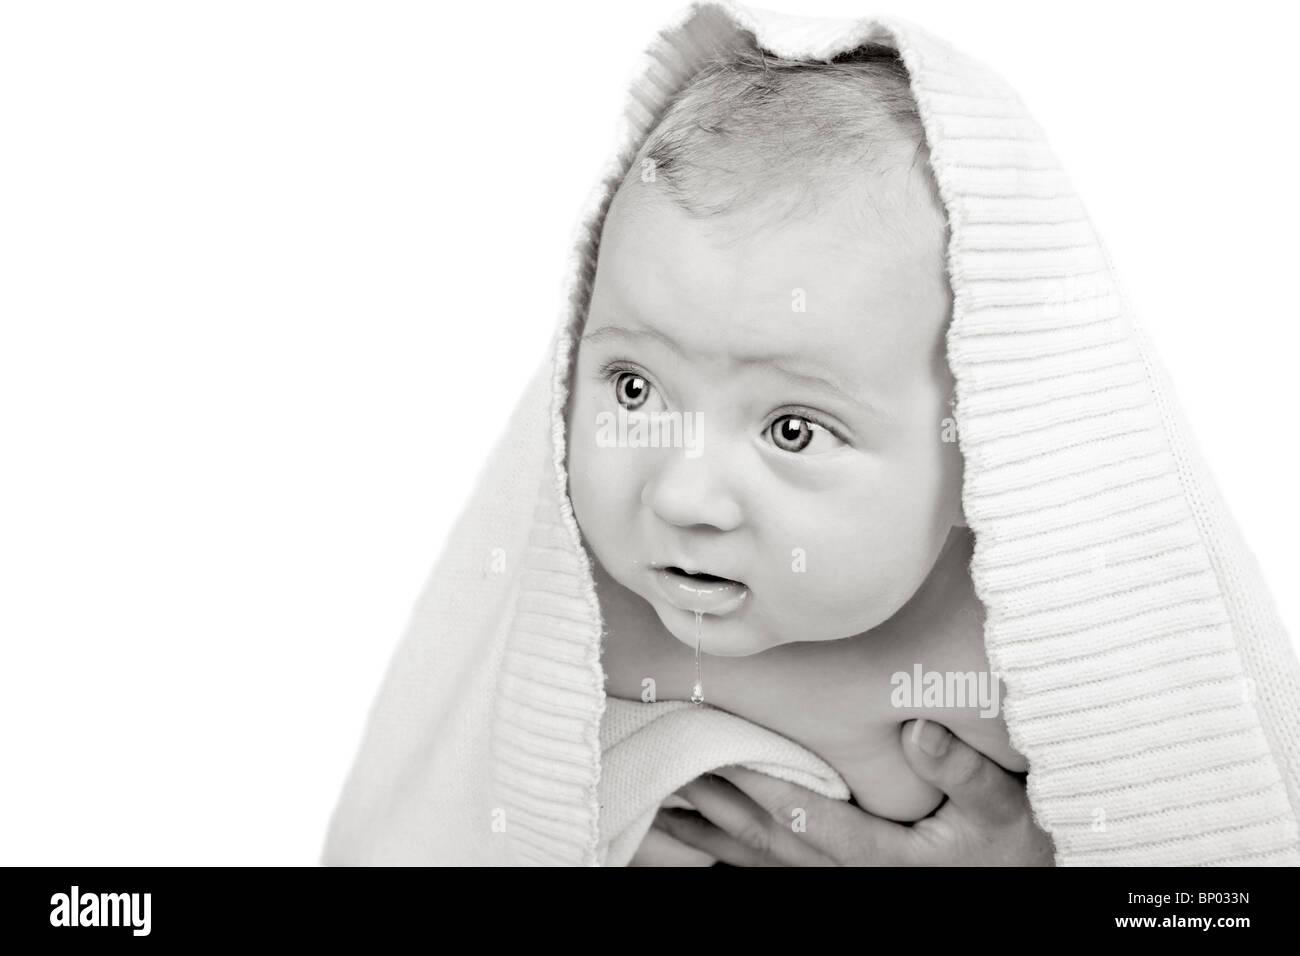 cute baby boy look shock surprise stock photos & cute baby boy look